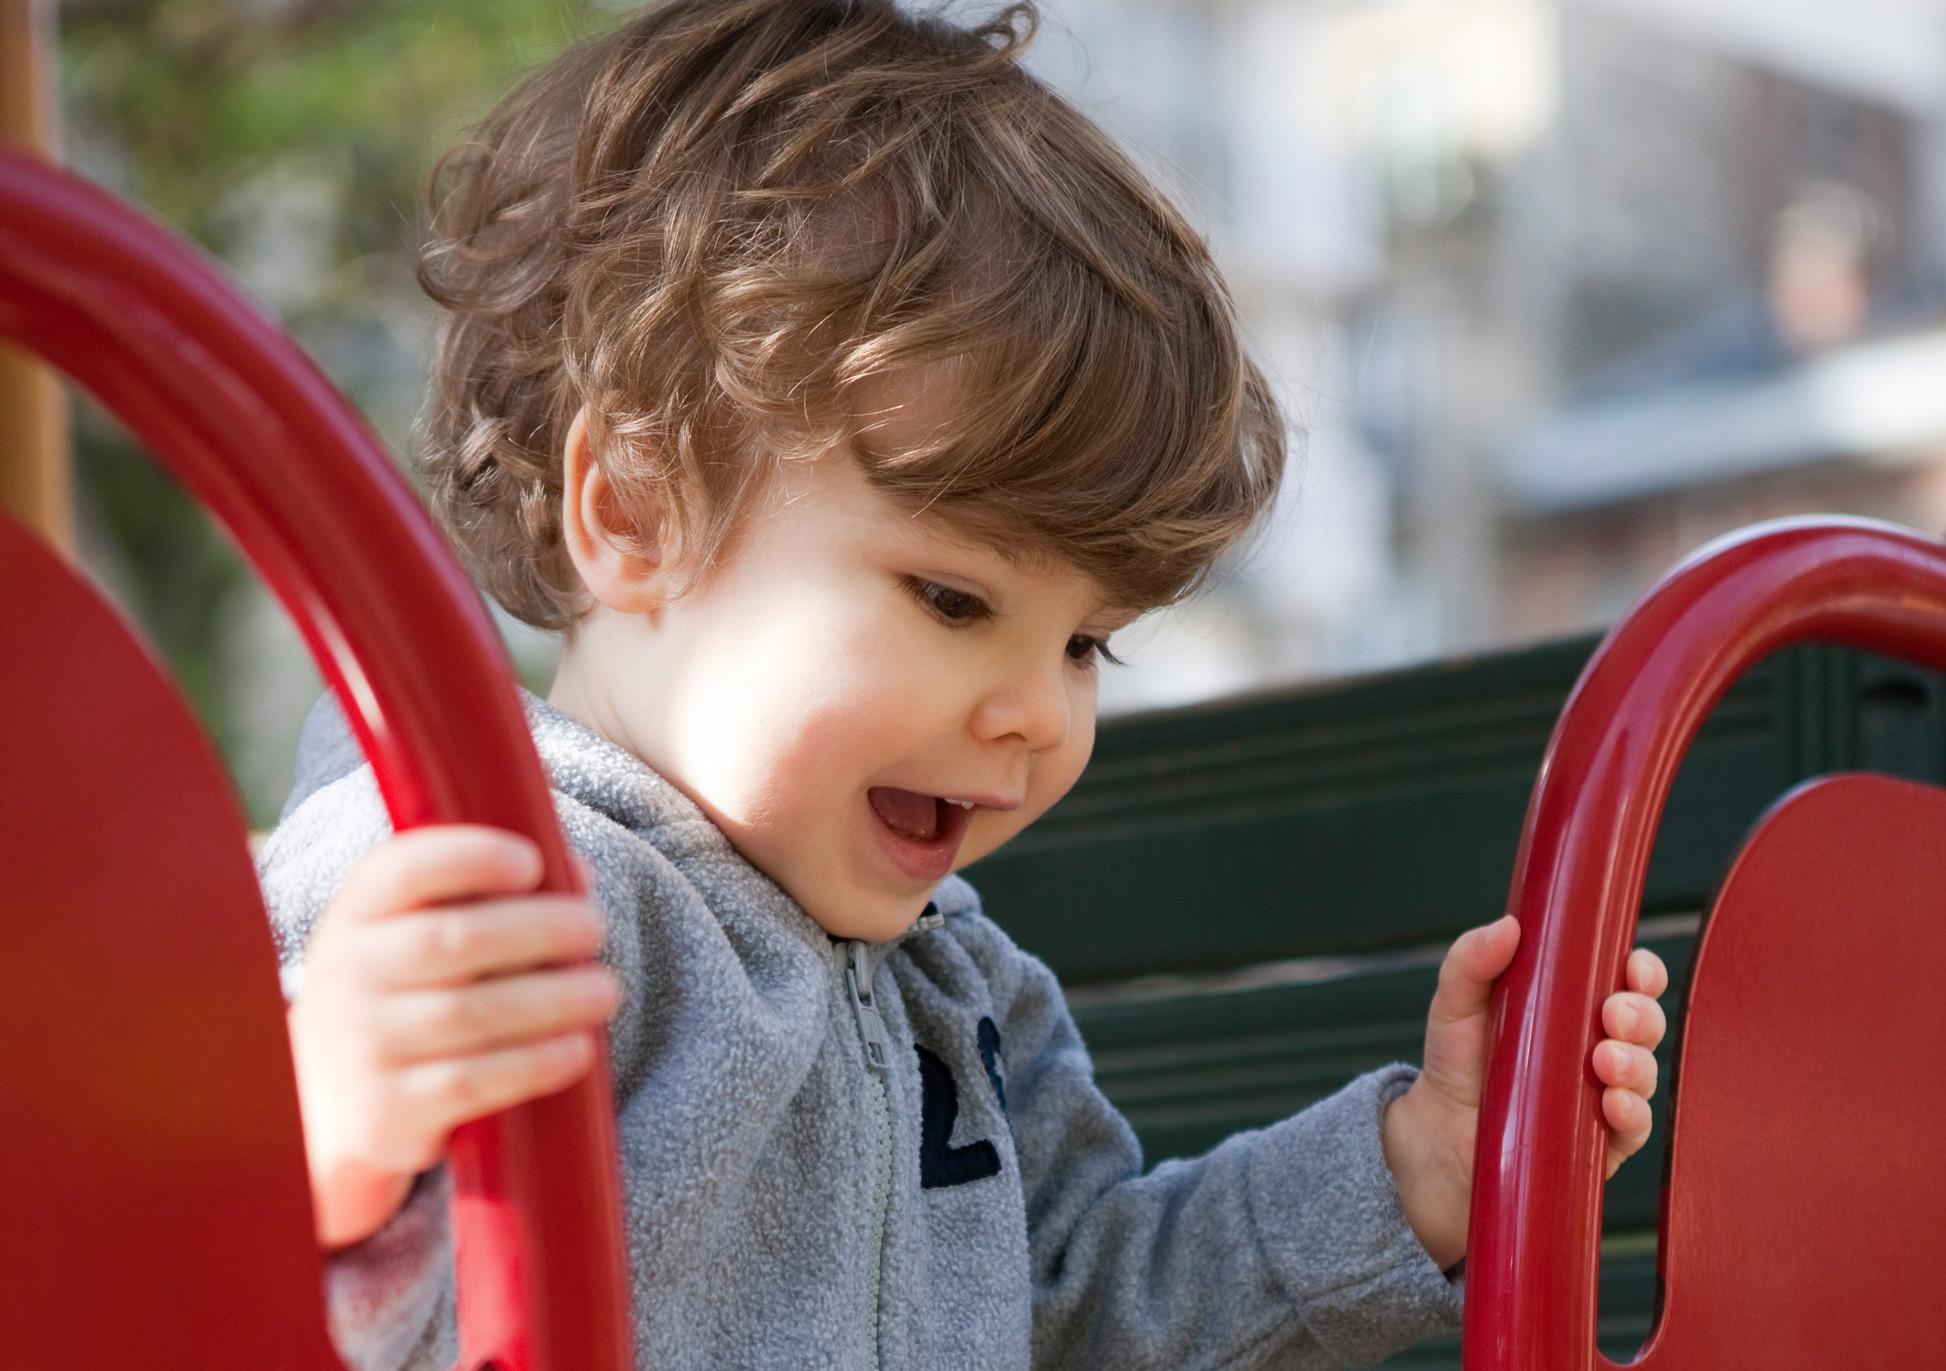 3 À 6 Ans : Savoir Choisir Le Bon Jeu Pour Son Enfant concernant Jeux Des Petit Garçon